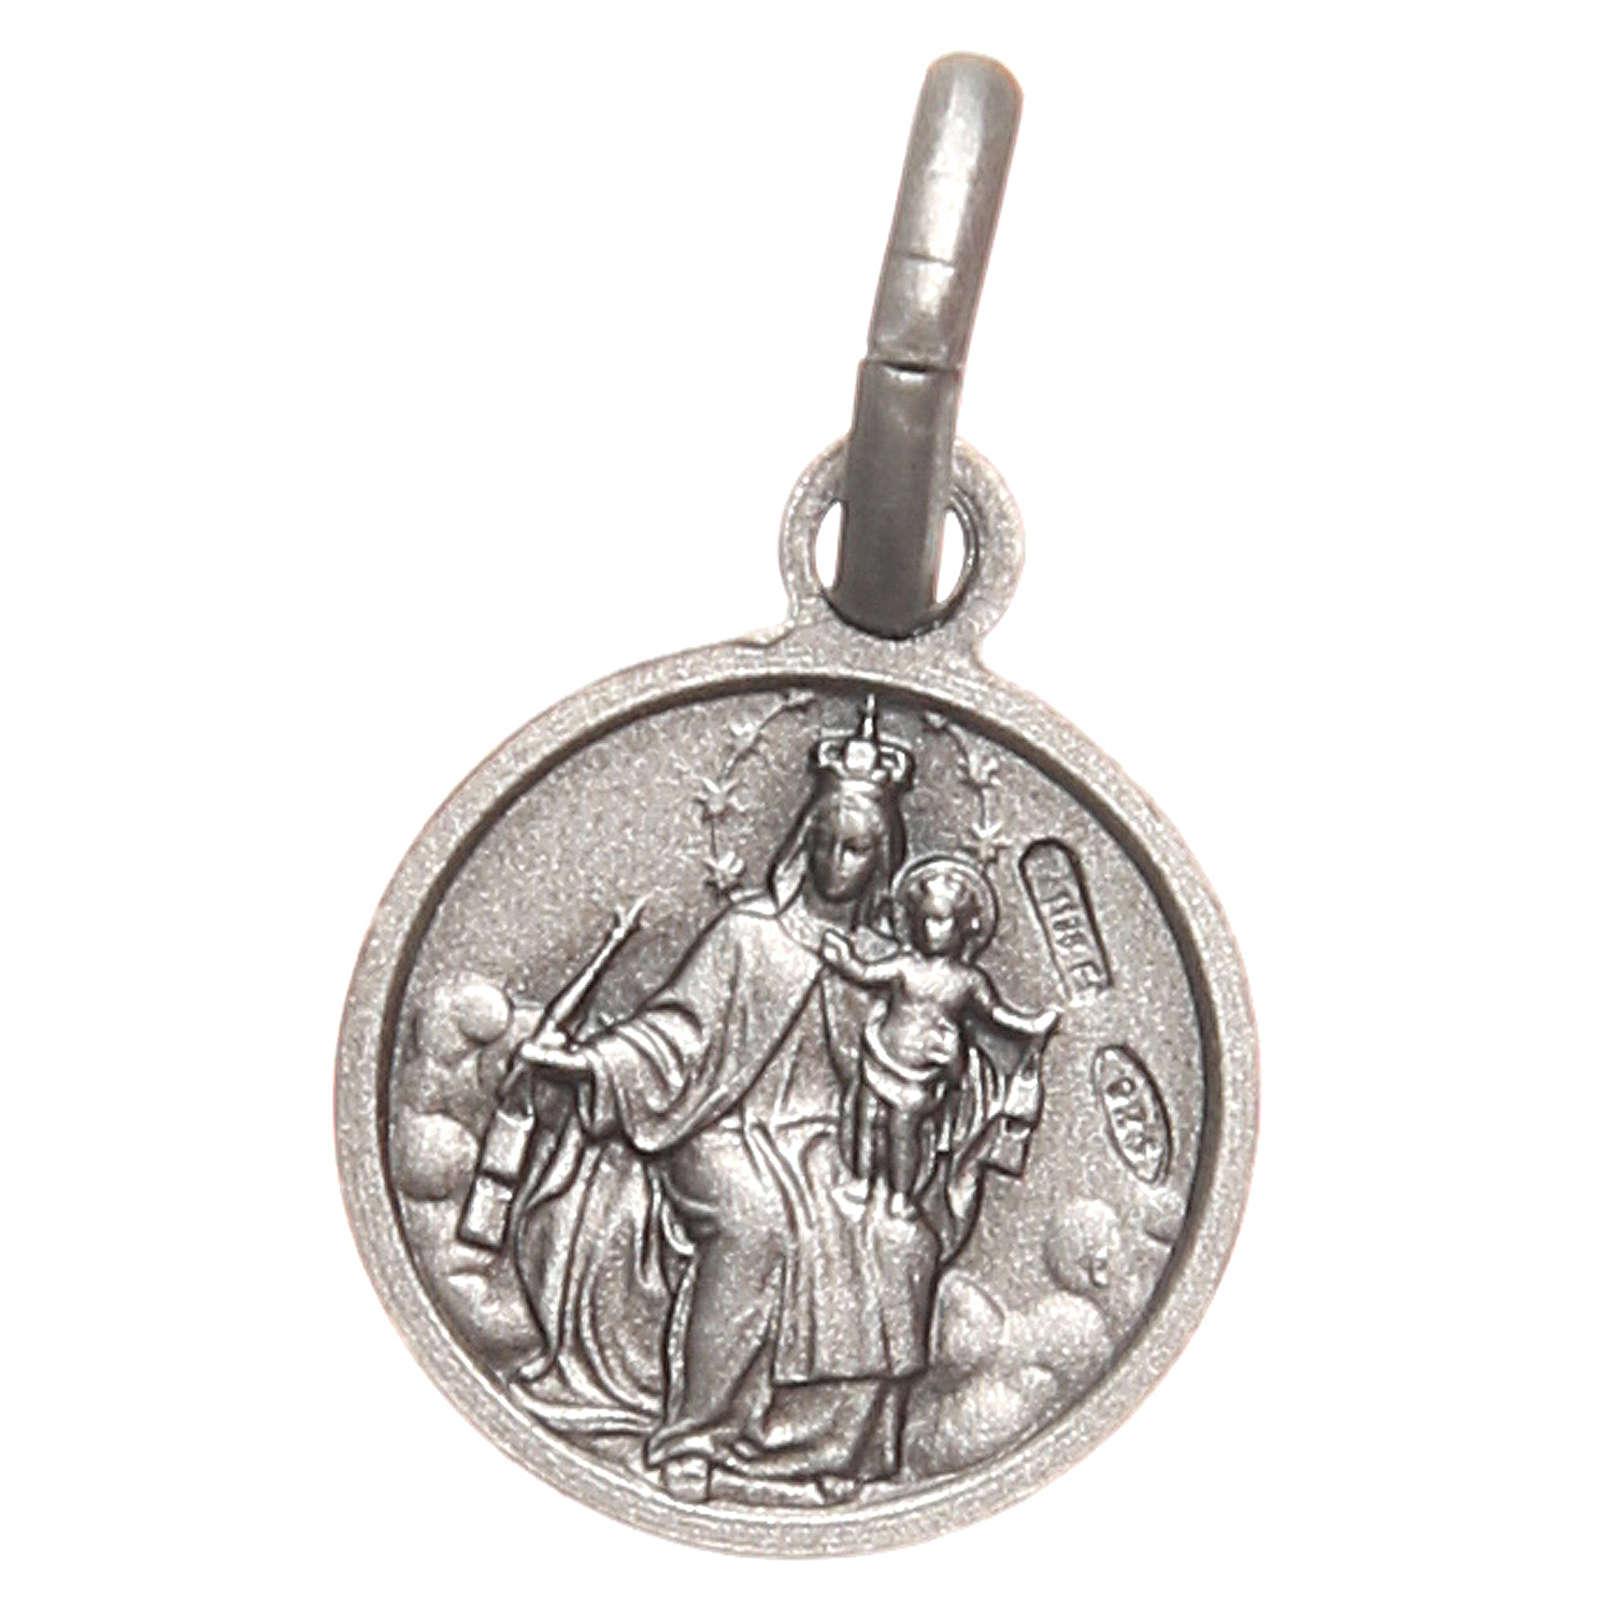 Szkaplerz medalik święte Serce srebro 925 10mm 4